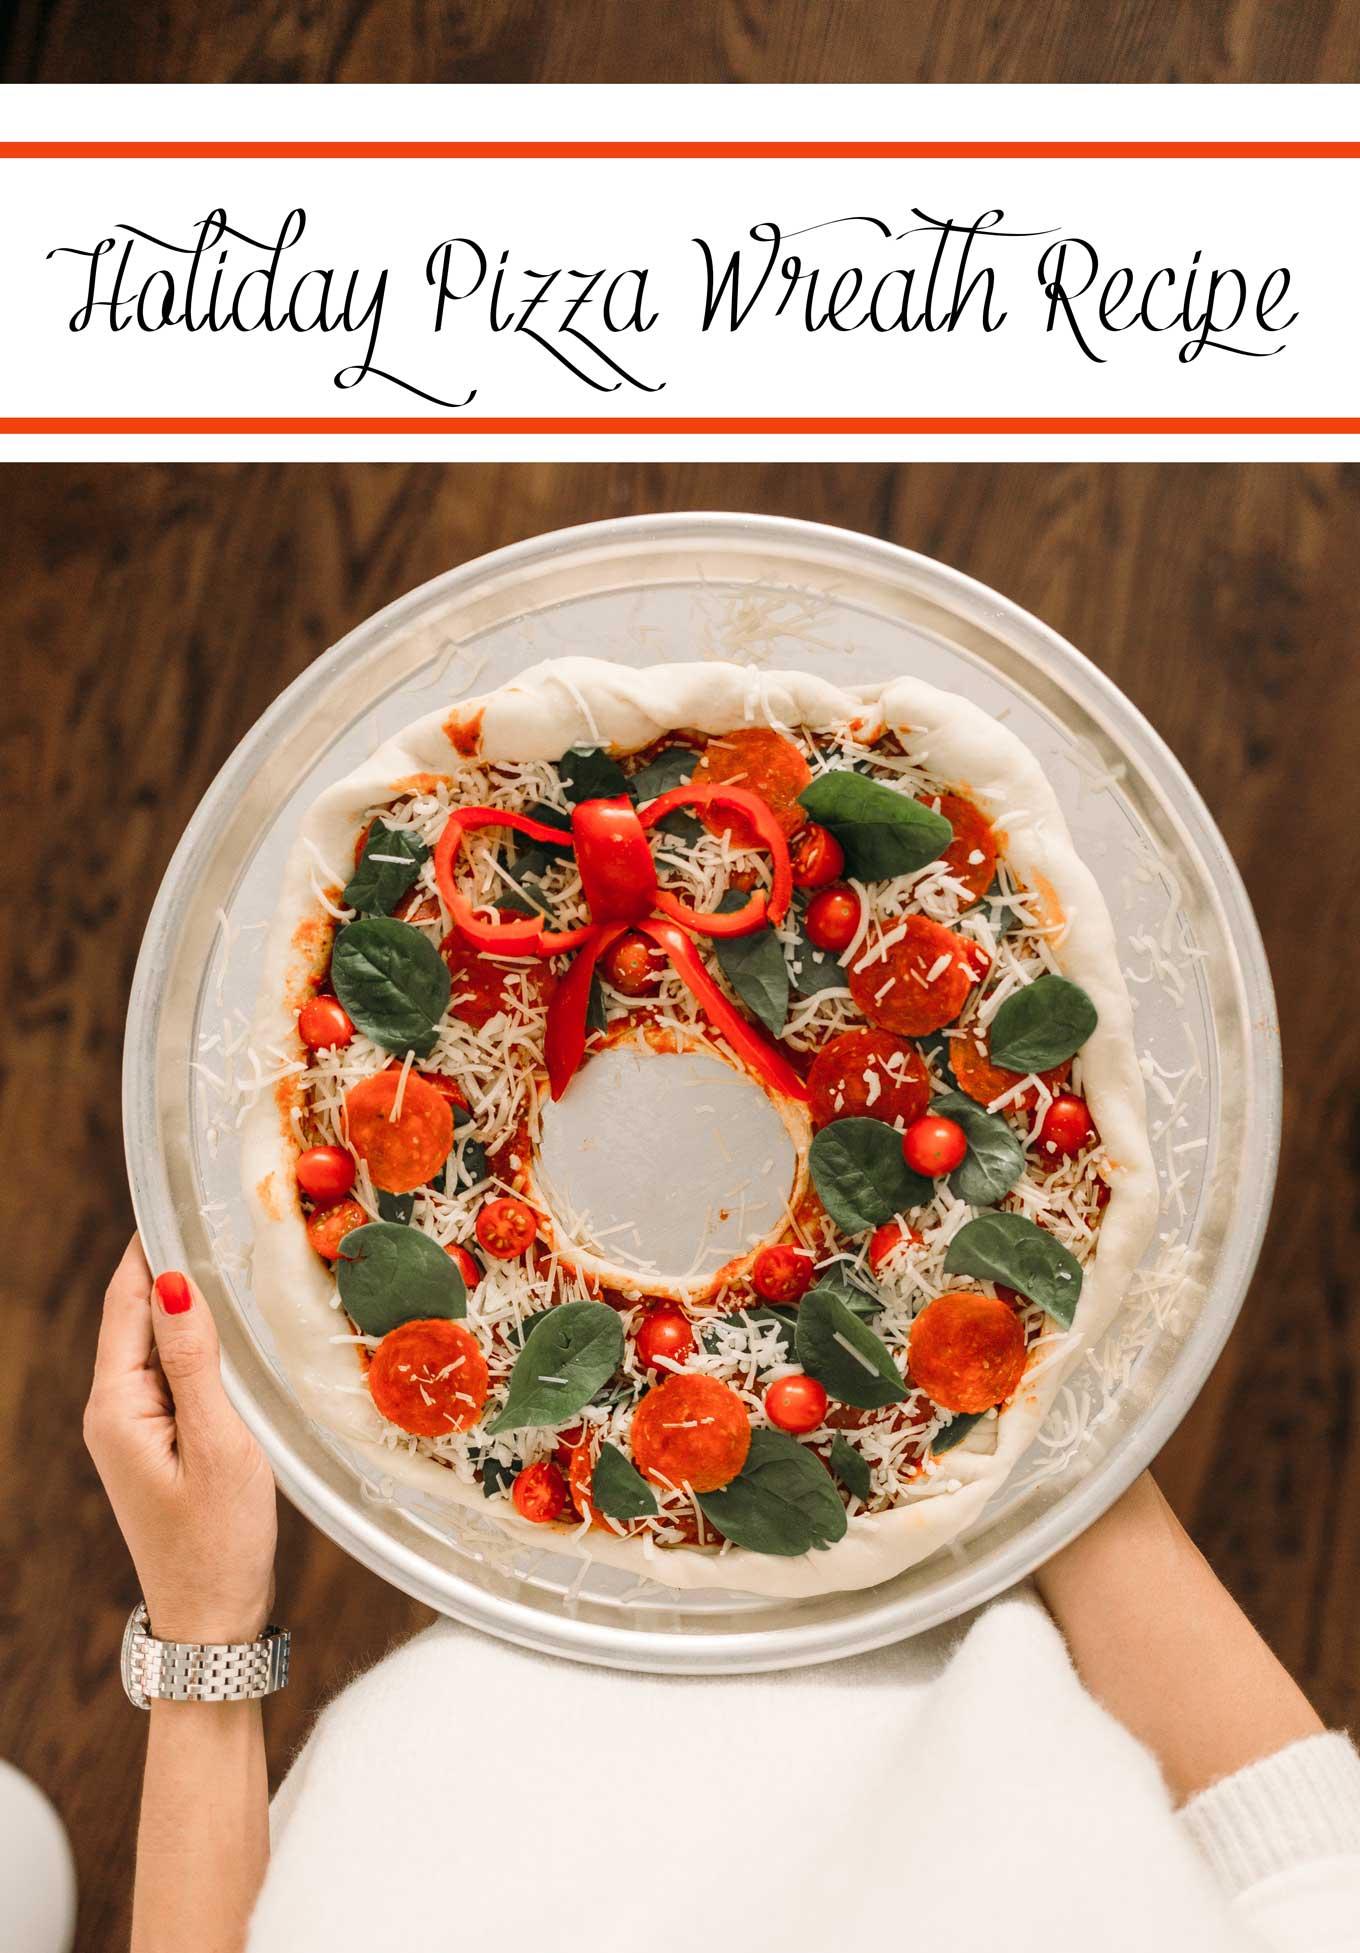 Holiday Pizza Wreath Recipe